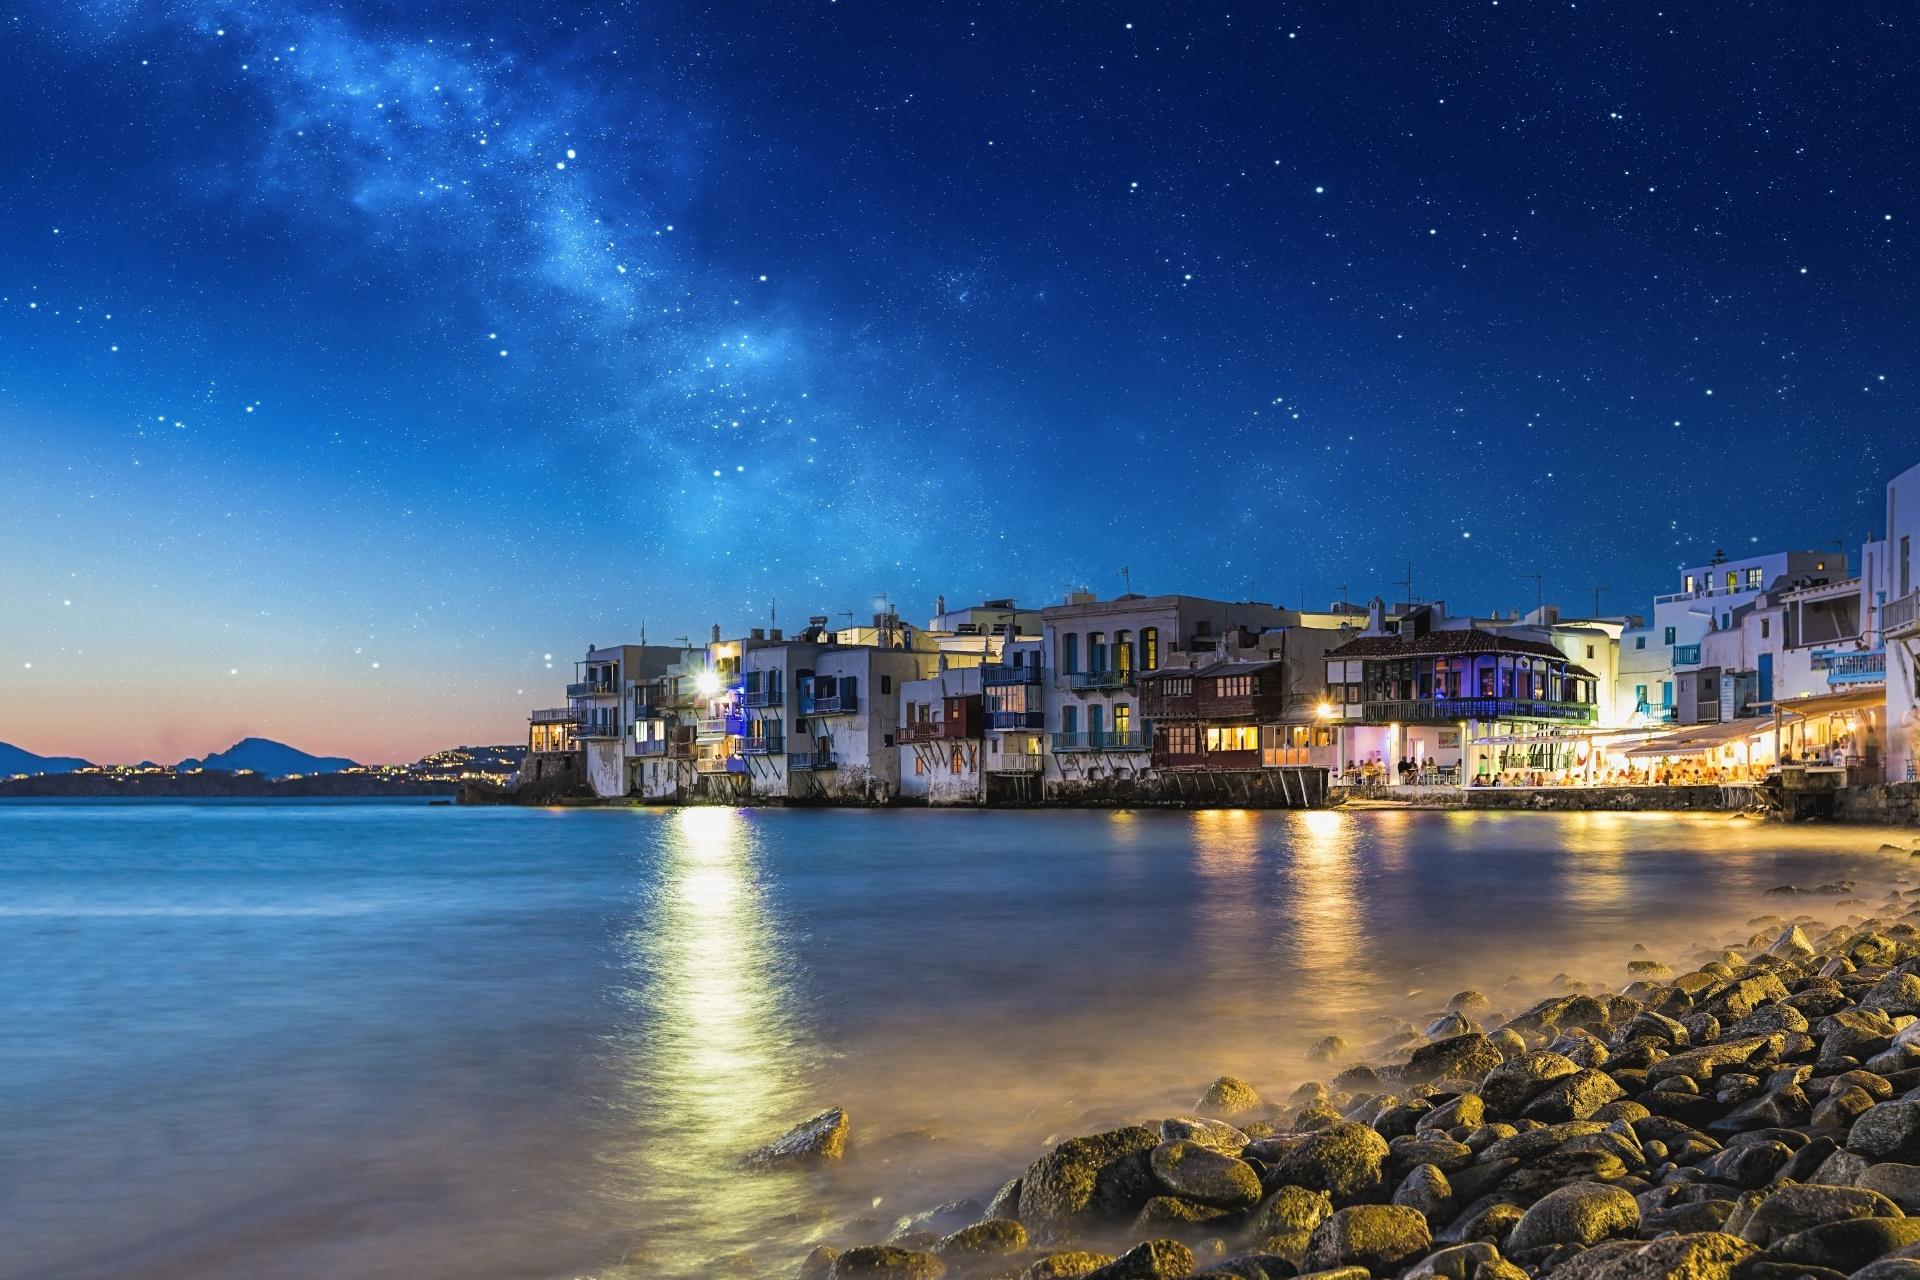 ギリシャ ミコノス島の夜景